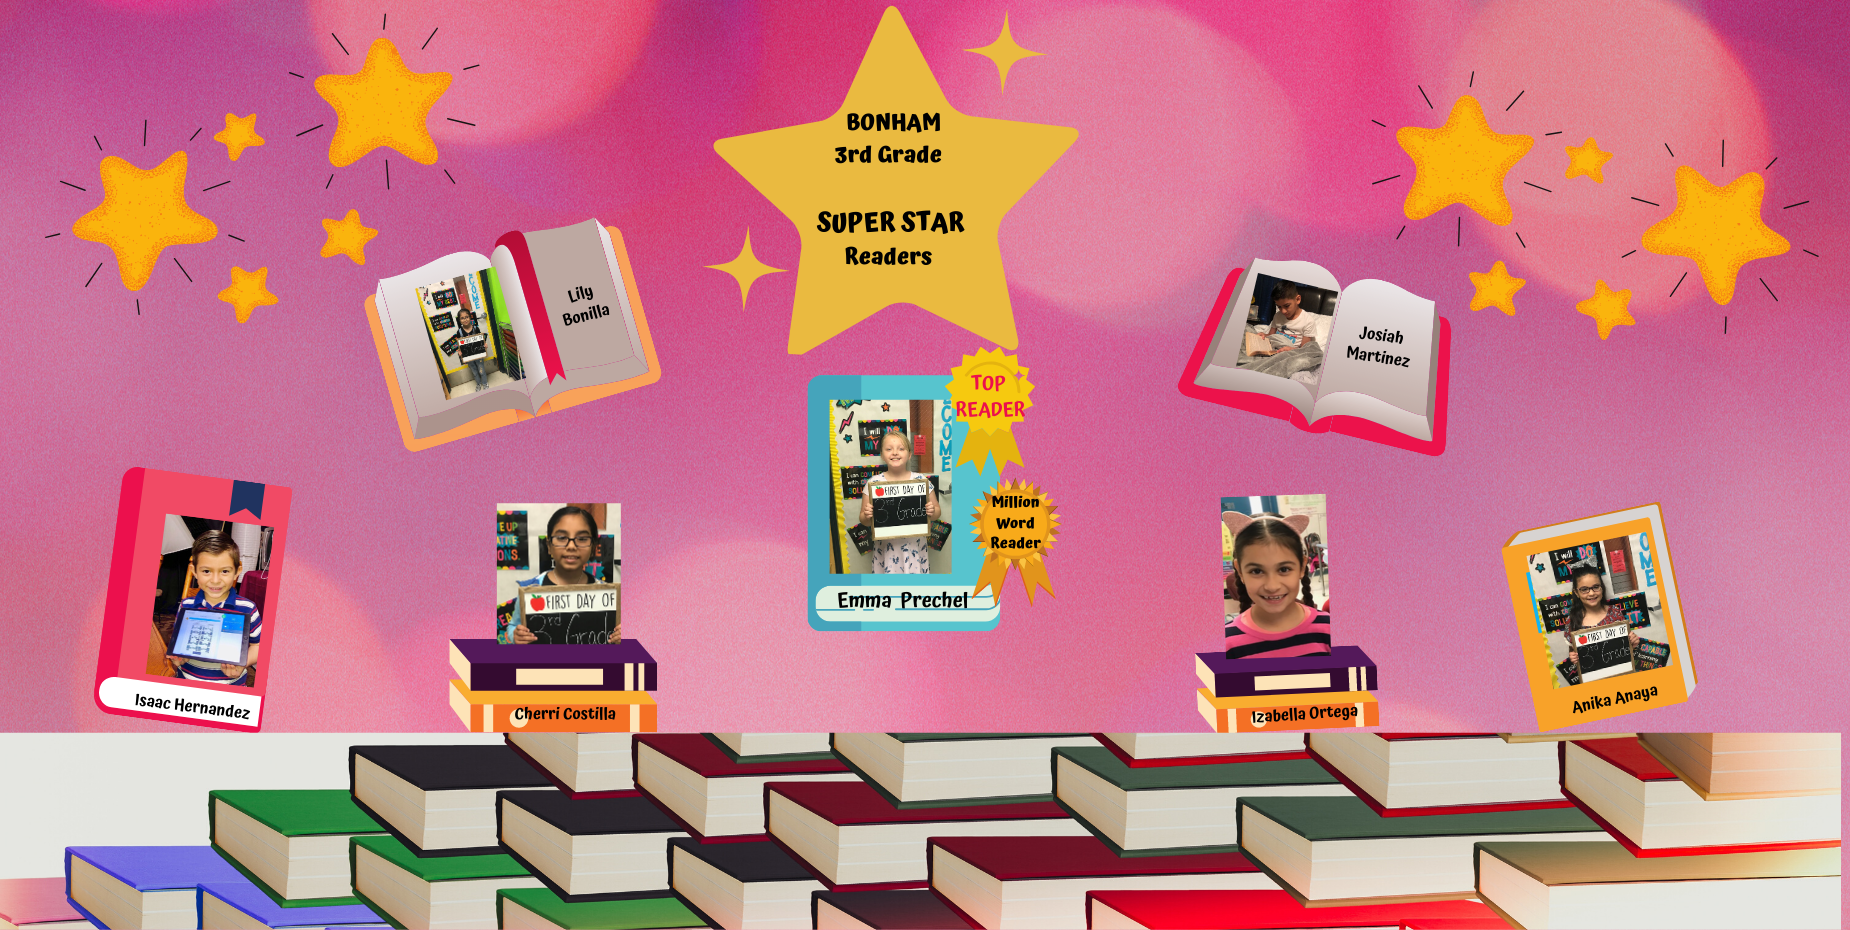 3rd grade Super Readers